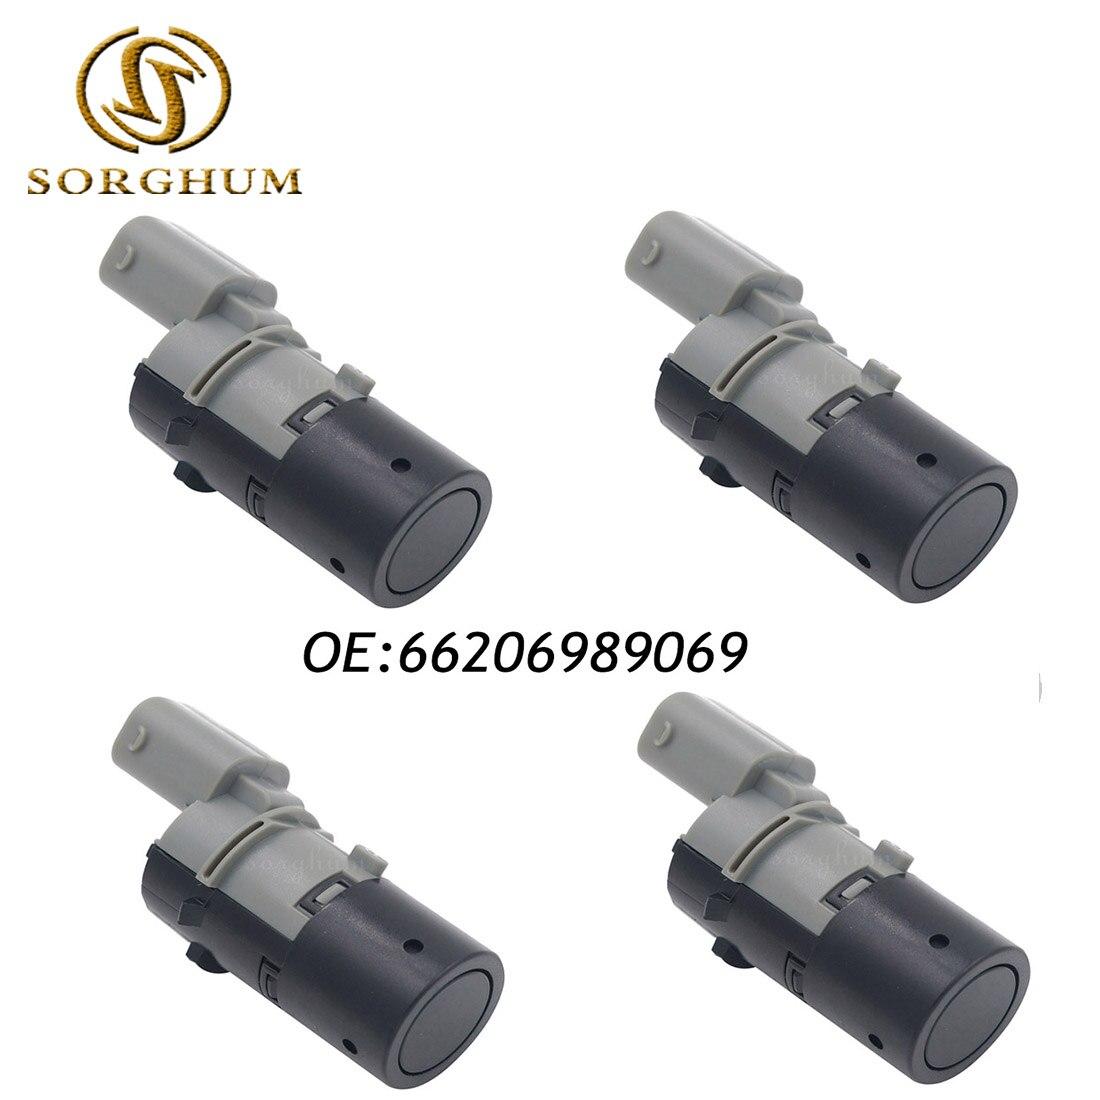 Reverse Sensor Parking For BMW E46 E60 E61 E64 66206989069 durable brand new